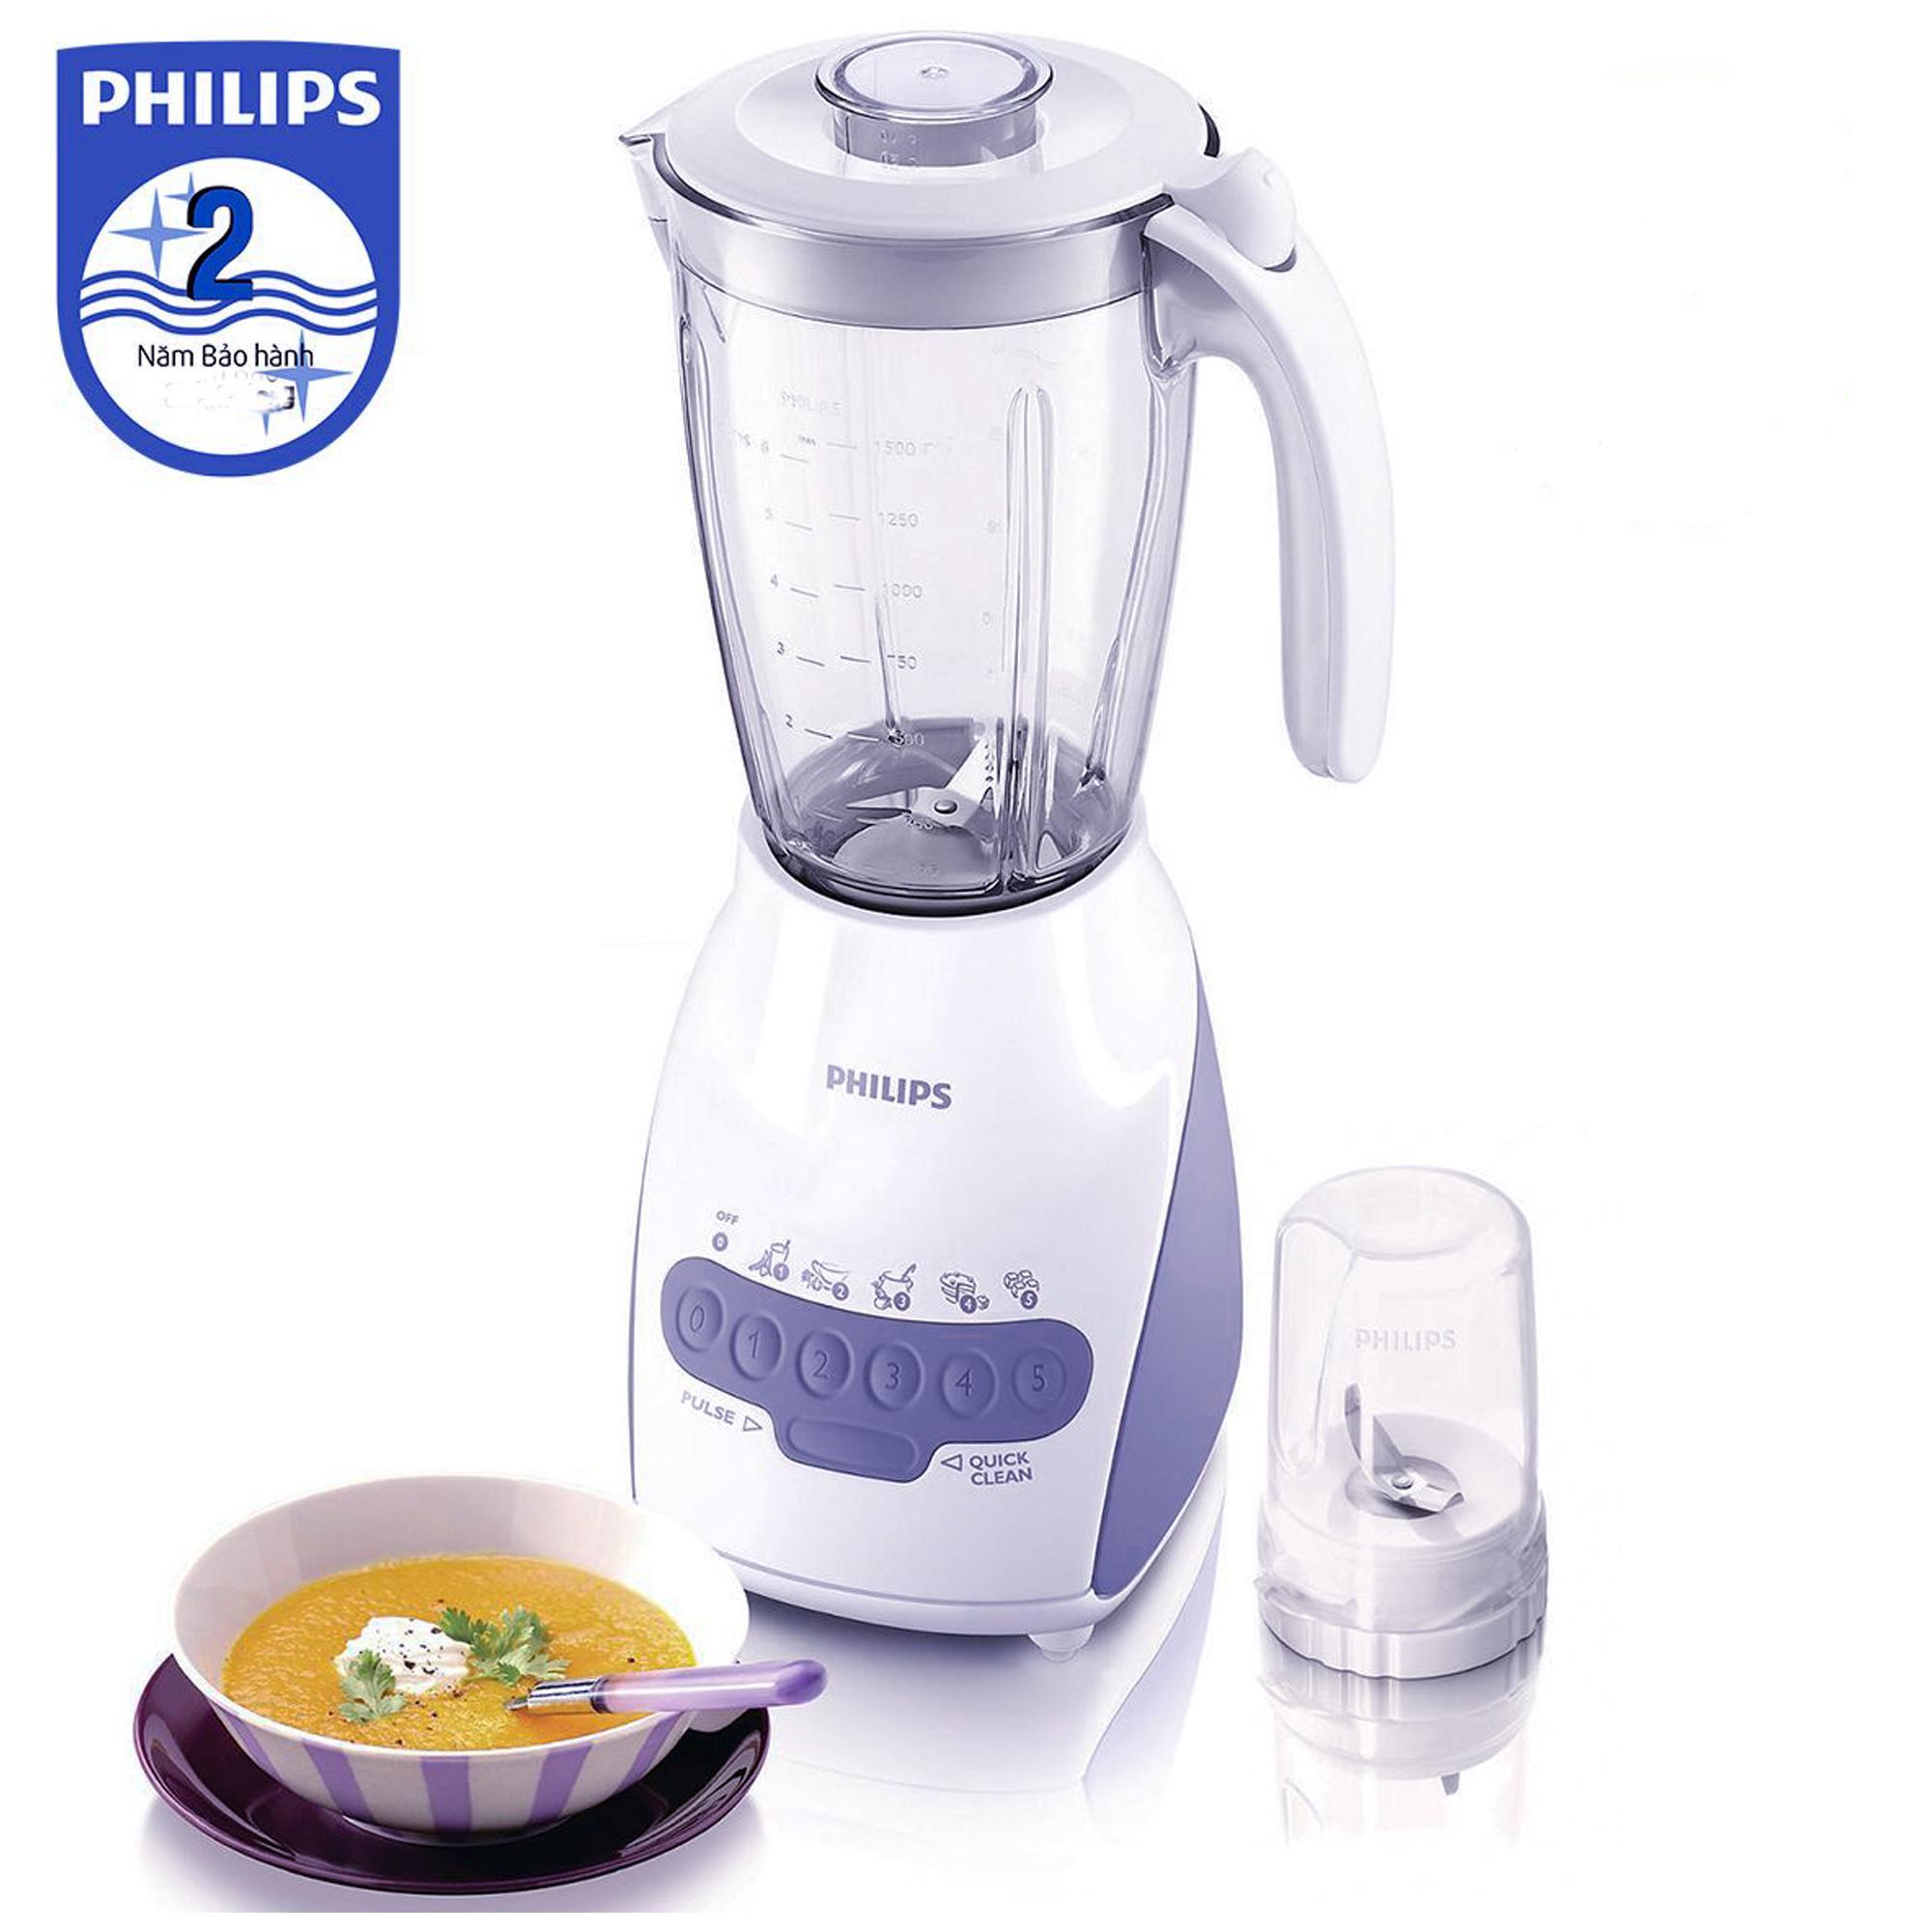 Hình ảnh Máy xay sinh tố Philips HR2115 2L (Trắng) - Hàng nhập khẩu